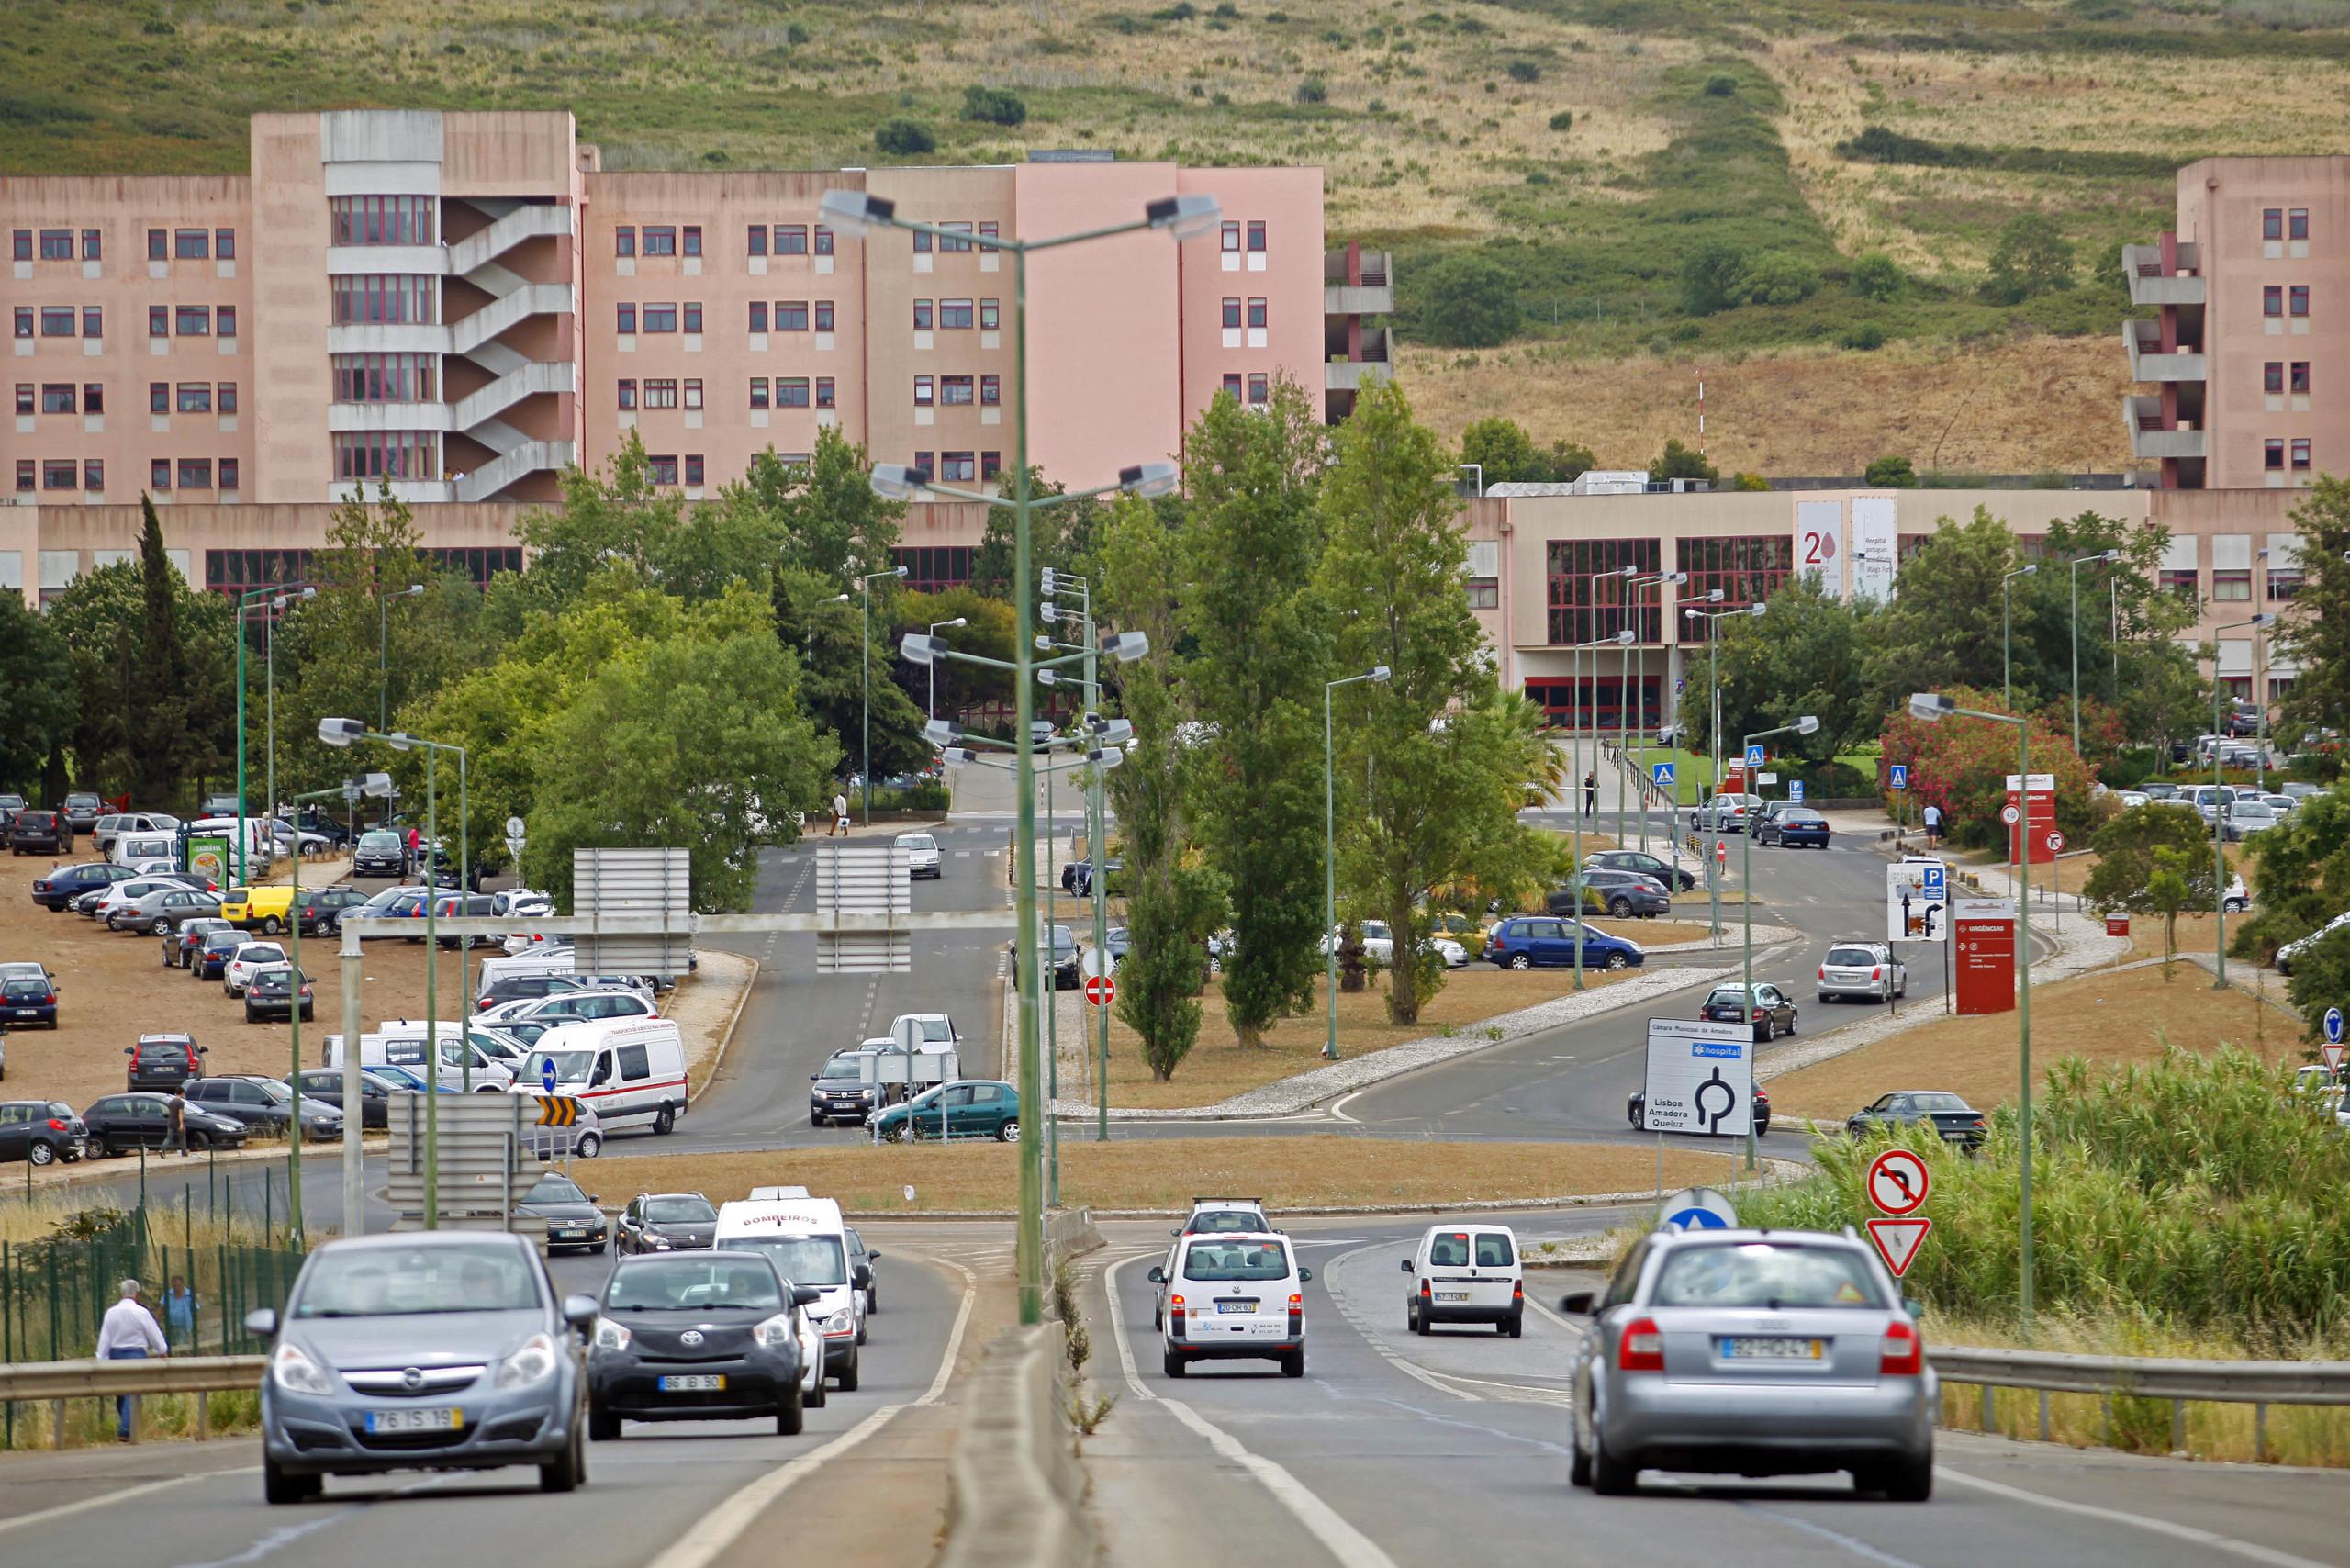 Anestesistas do Hospital Amadora-Sintra iniciam hoje cinco dias de greve